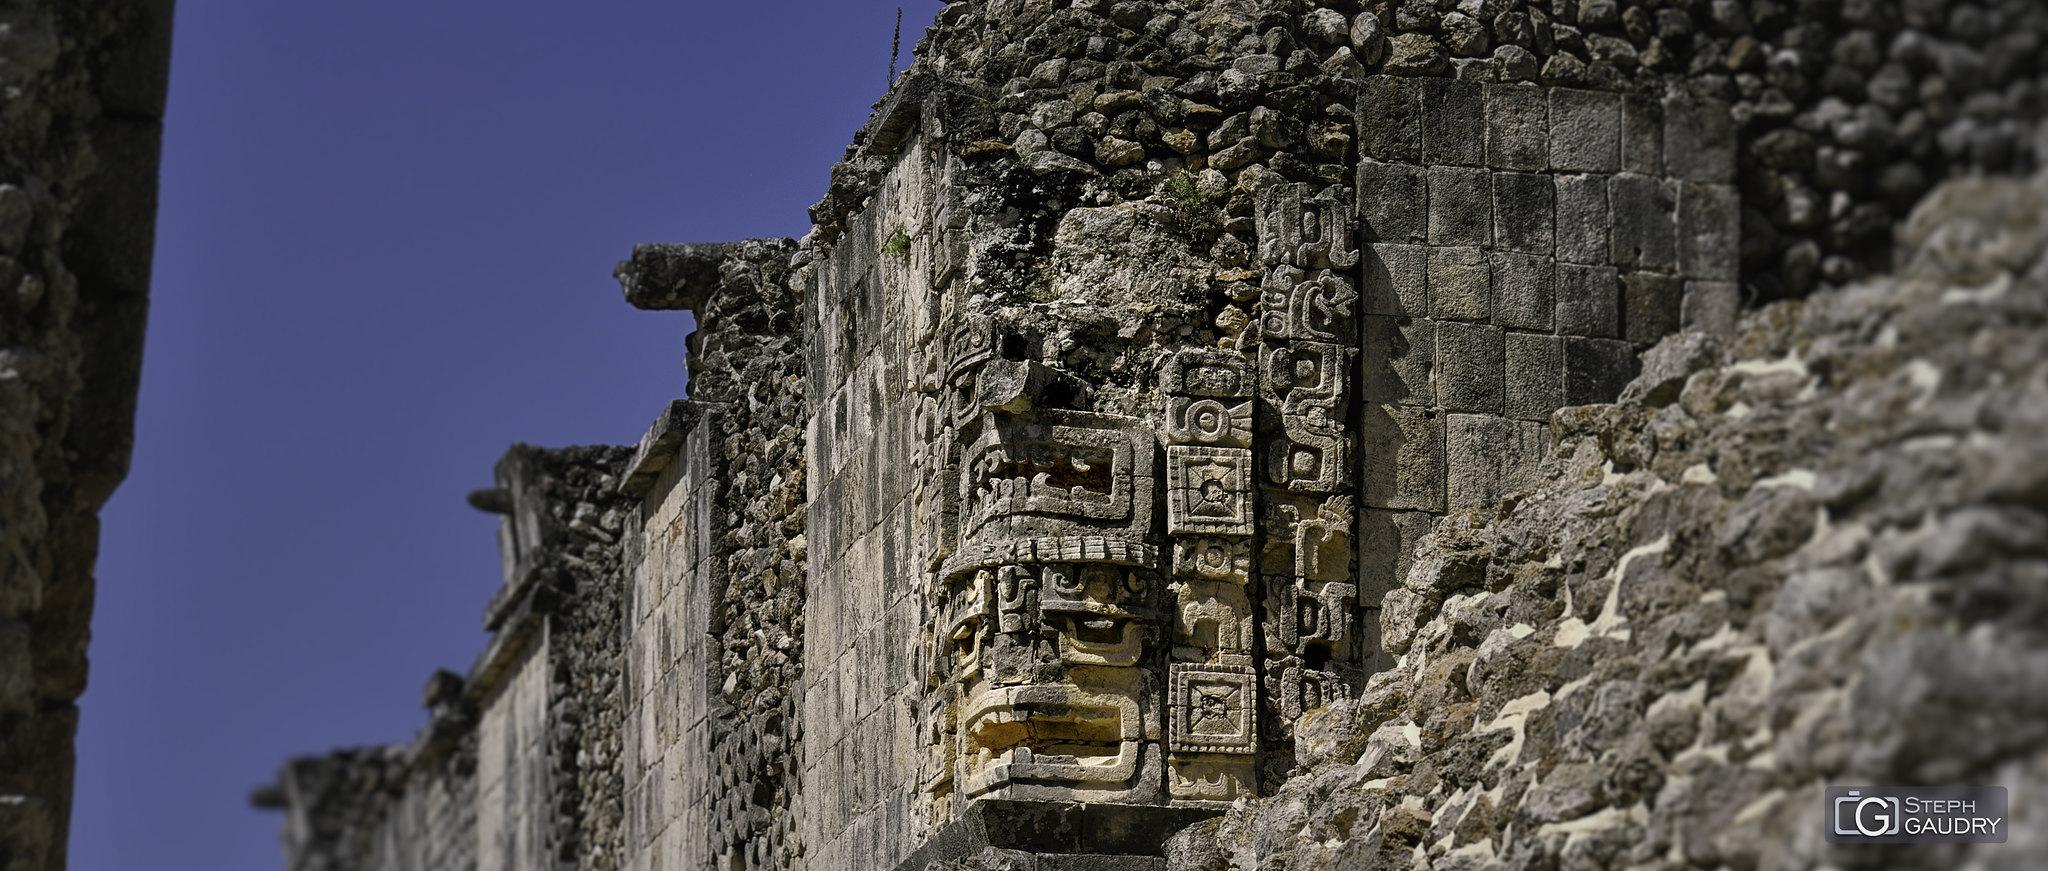 Uxmal - têtes sculptées dans les angles [Click to start slideshow]